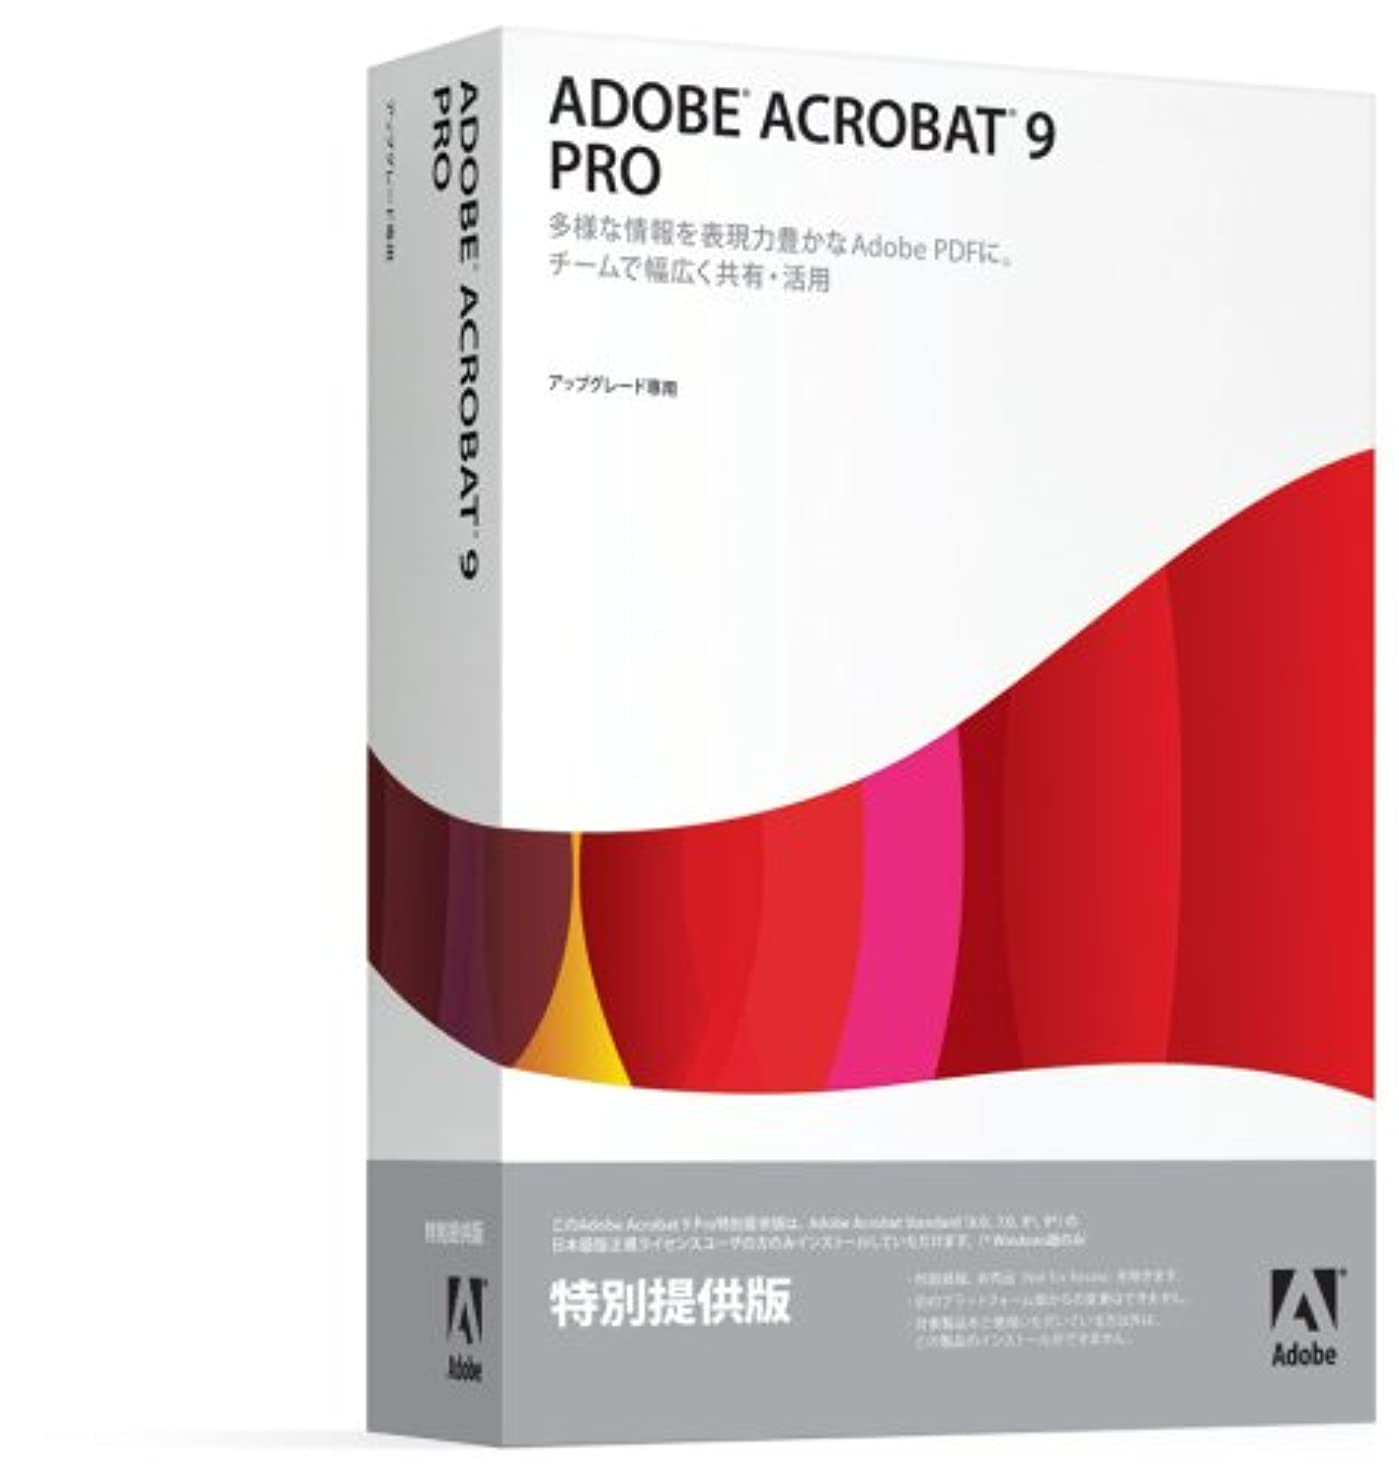 大腿勤勉ゆりAdobe Acrobat 9 Pro 日本語版 アップグレード版 (STD-PRO) Macintosh版